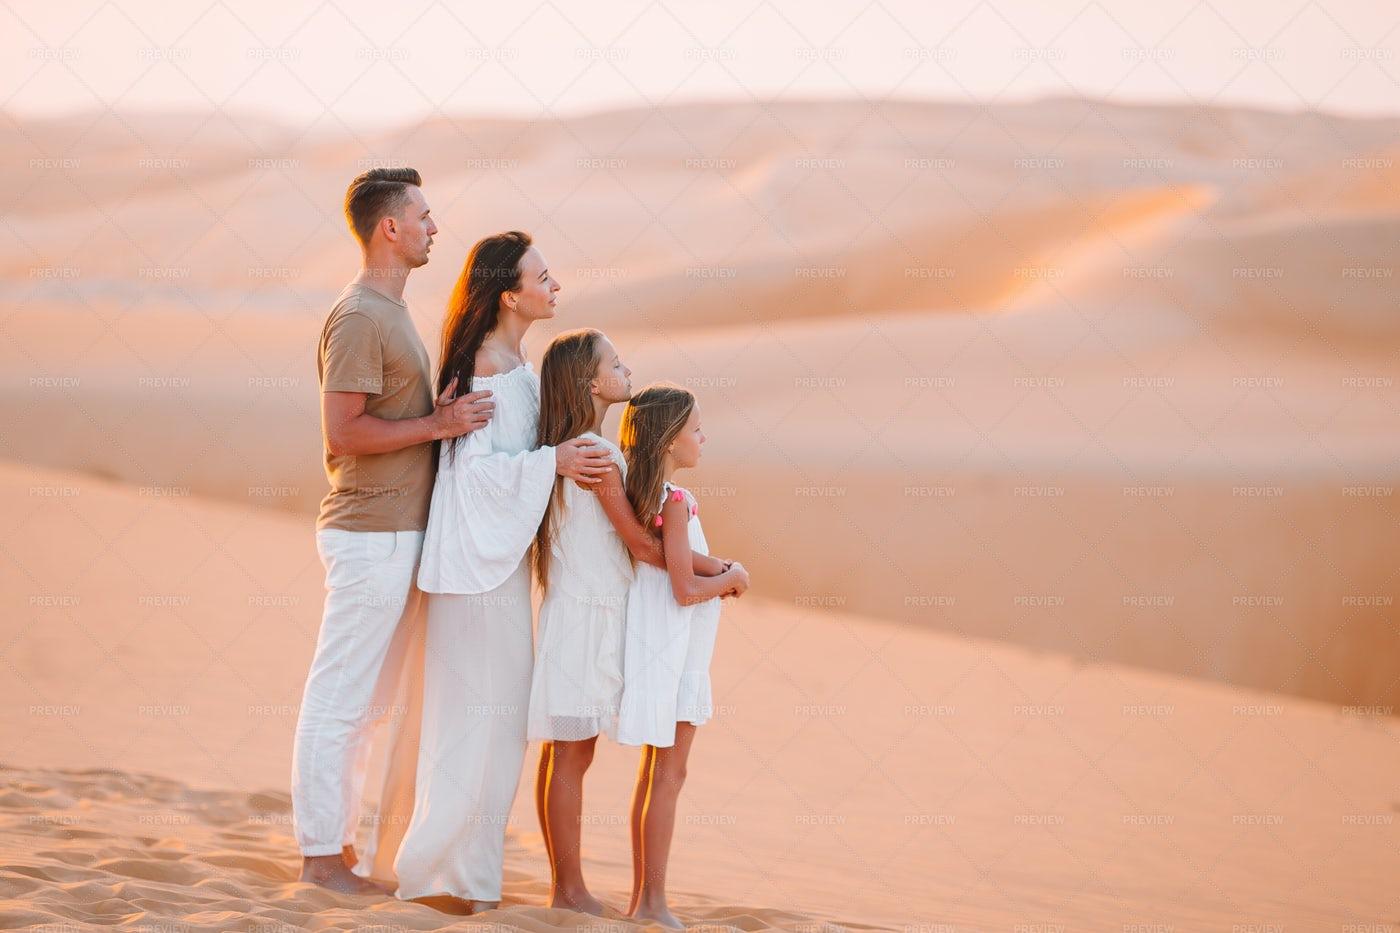 Family Among Dunes: Stock Photos